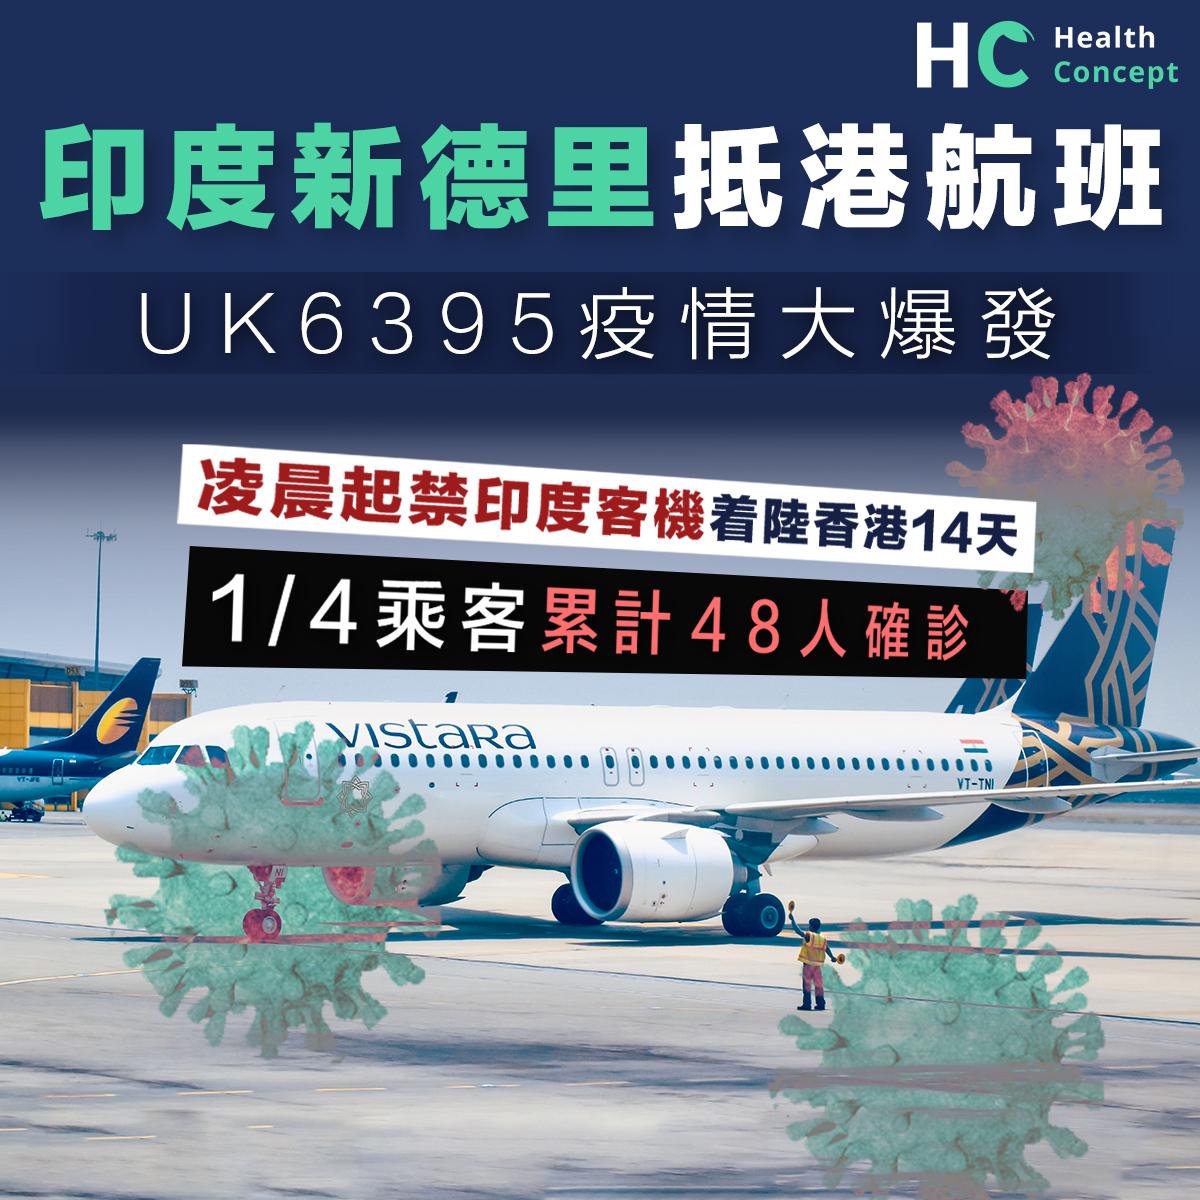 印度新德里抵港航班UK6395疫情大爆發 累計48人確診